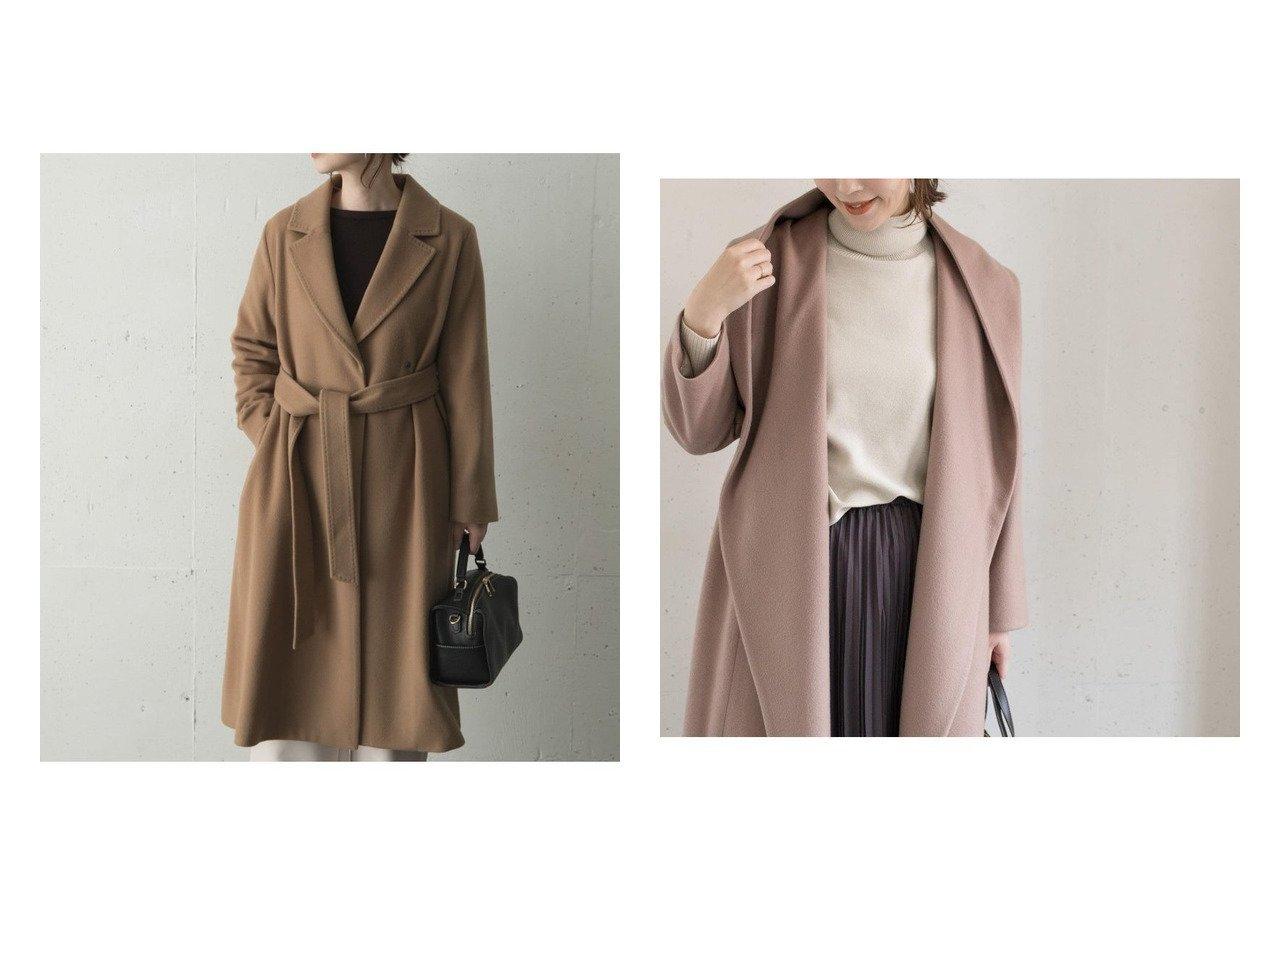 【URBAN RESEARCH ROSSO/アーバンリサーチ ロッソ】のカシミヤ混コート&ガウンフードコート アウターのおすすめ!人気、トレンド・レディースファッションの通販  おすすめで人気の流行・トレンド、ファッションの通販商品 メンズファッション・キッズファッション・インテリア・家具・レディースファッション・服の通販 founy(ファニー) https://founy.com/ ファッション Fashion レディースファッション WOMEN アウター Coat Outerwear コート Coats ジャケット Jackets チェスターコート Top Coat NEW・新作・新着・新入荷 New Arrivals エレガント カシミア カシミヤ ガウン ジャケット チェスターコート ハンド バランス フレア ポケット リボン ワイド 今季 |ID:crp329100000009995